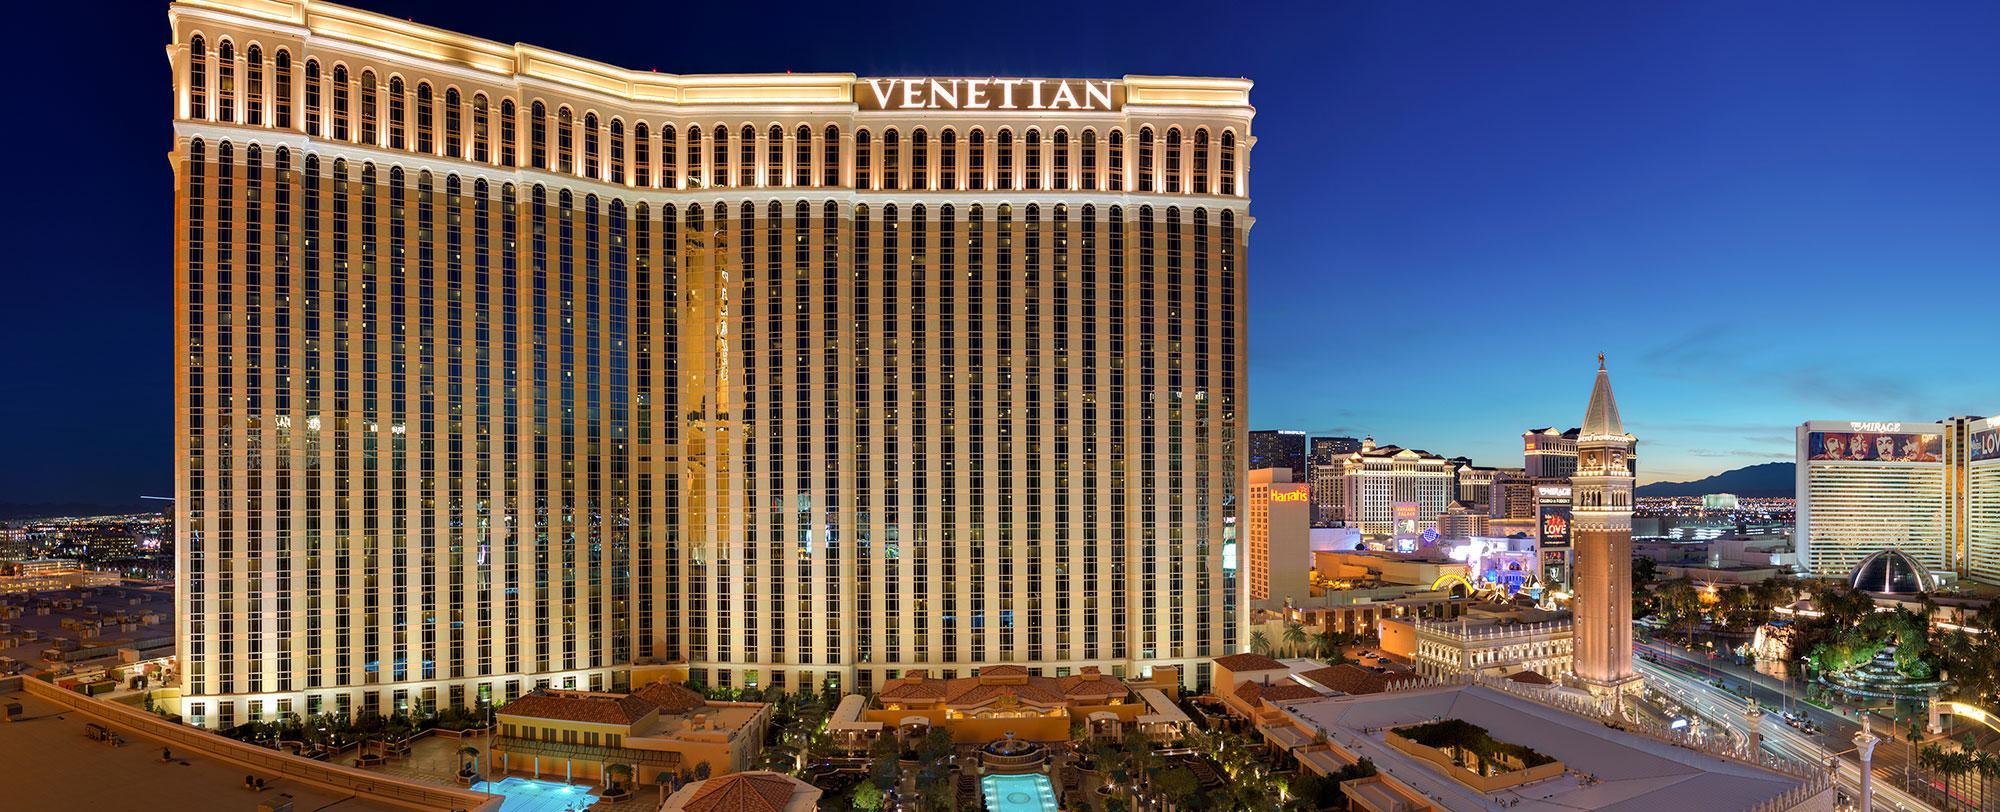 Venetian and Sands Convention Center akan segera memiliki pemilik baru.